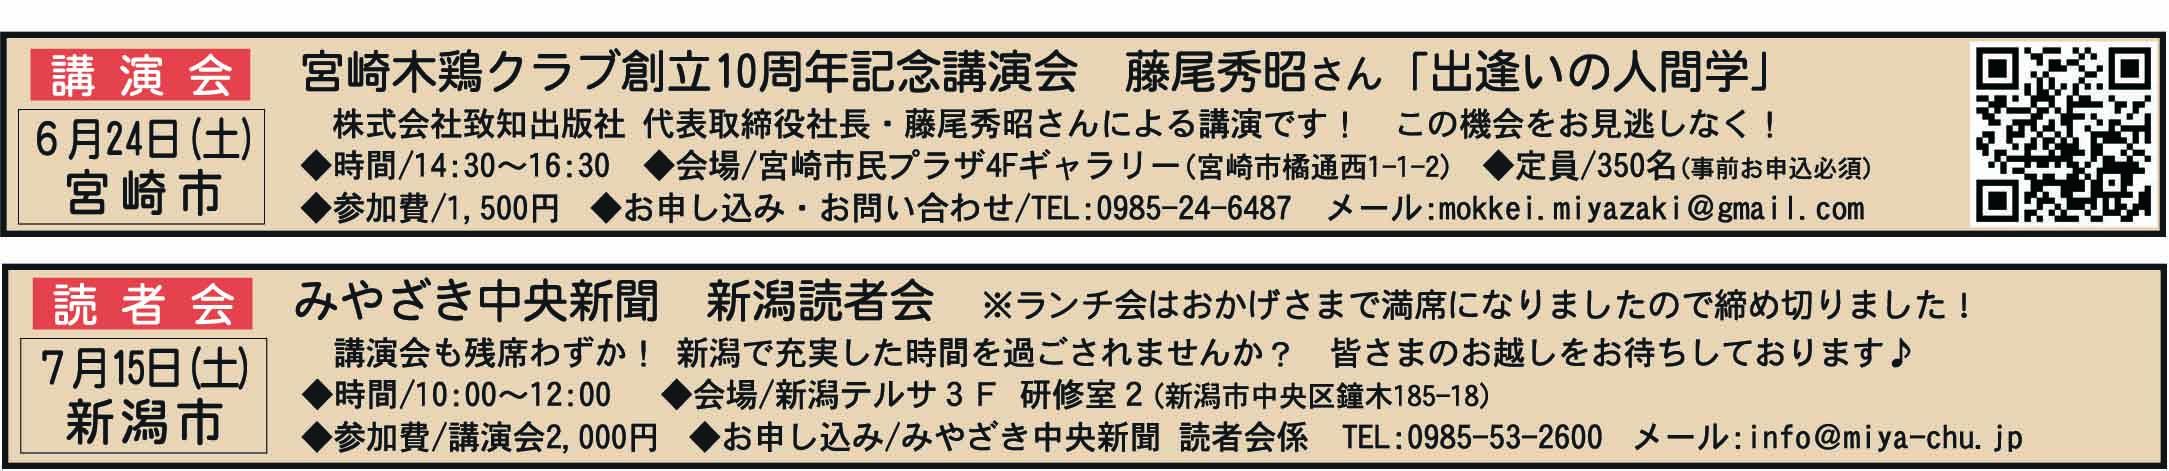 muryo2699.jpg